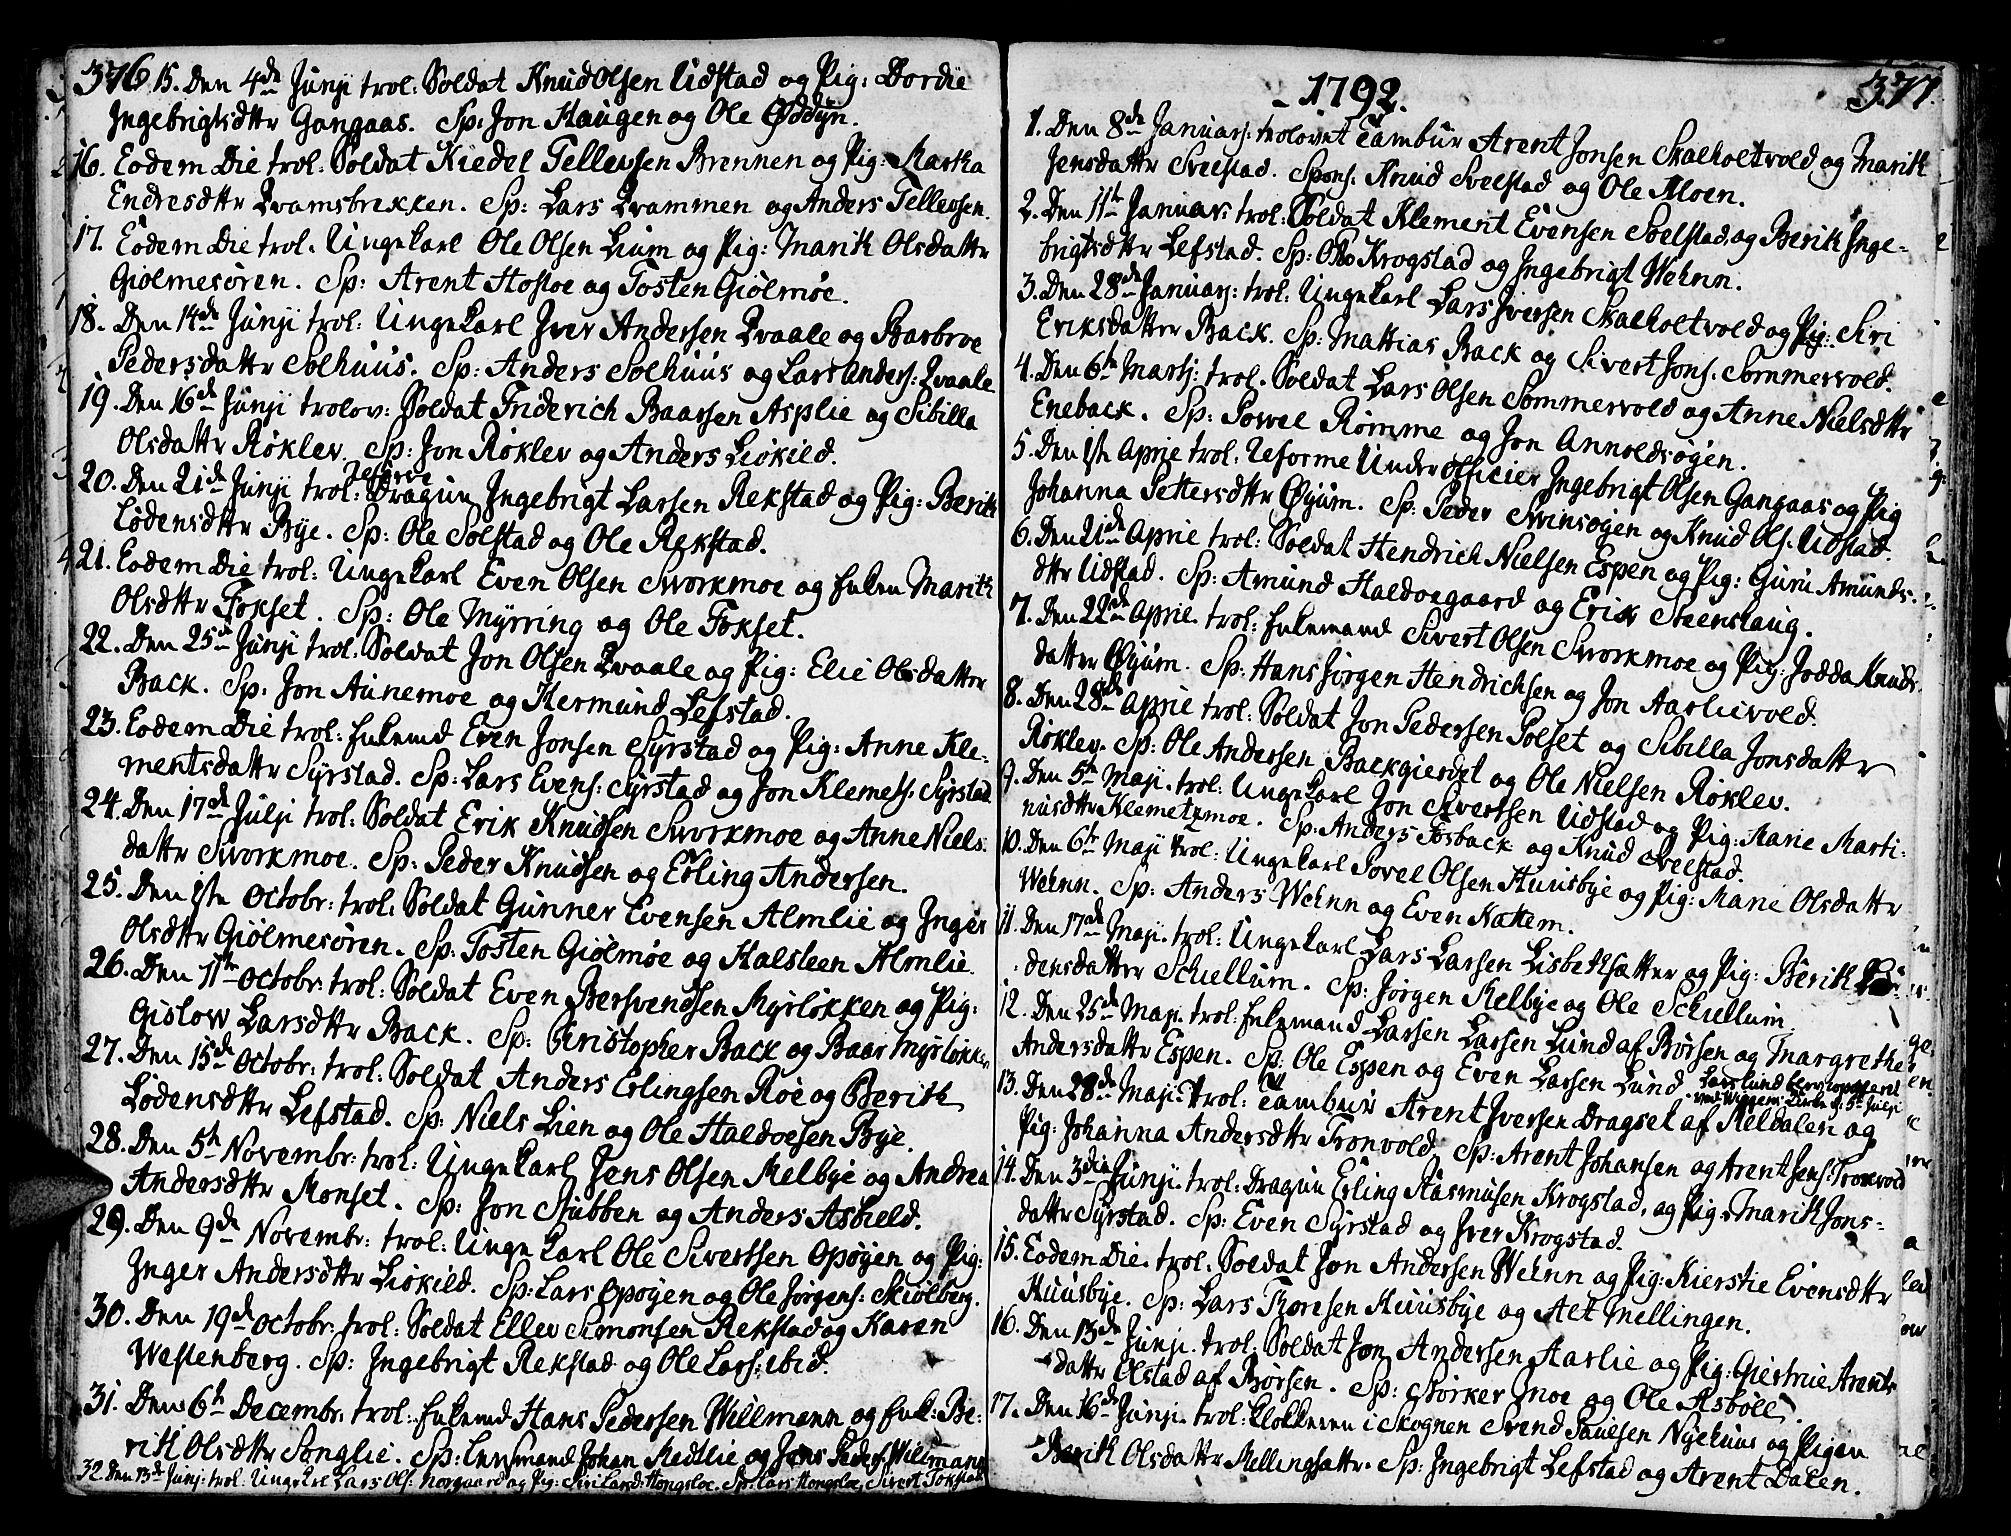 SAT, Ministerialprotokoller, klokkerbøker og fødselsregistre - Sør-Trøndelag, 668/L0802: Ministerialbok nr. 668A02, 1776-1799, s. 376-377